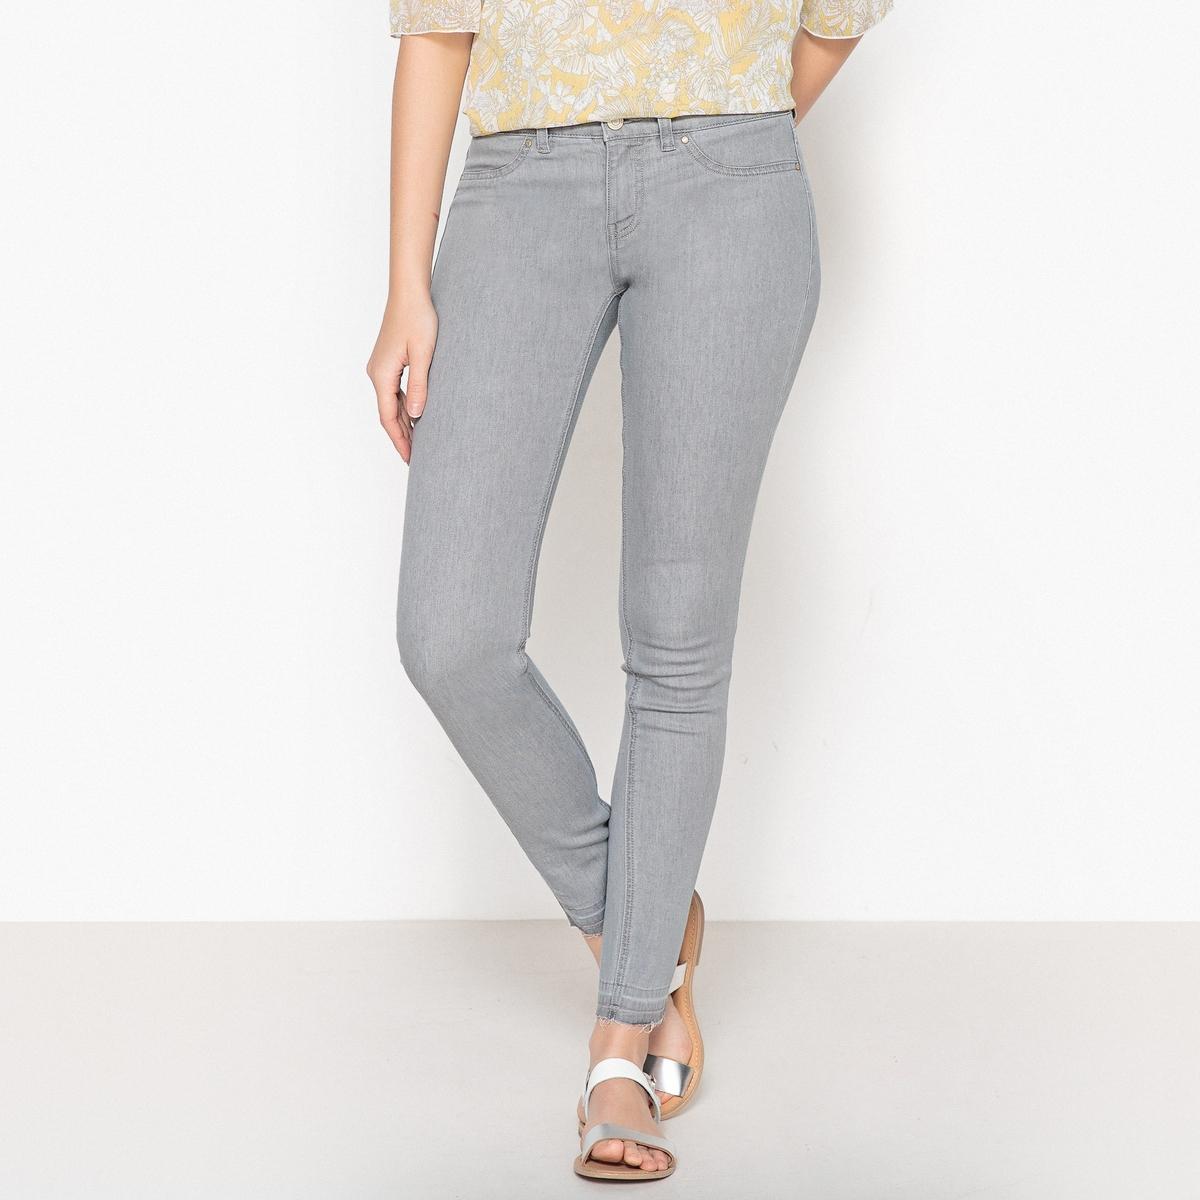 Джинсы узкие из денима стретч джинсы расклешенного покроя из денима стретч